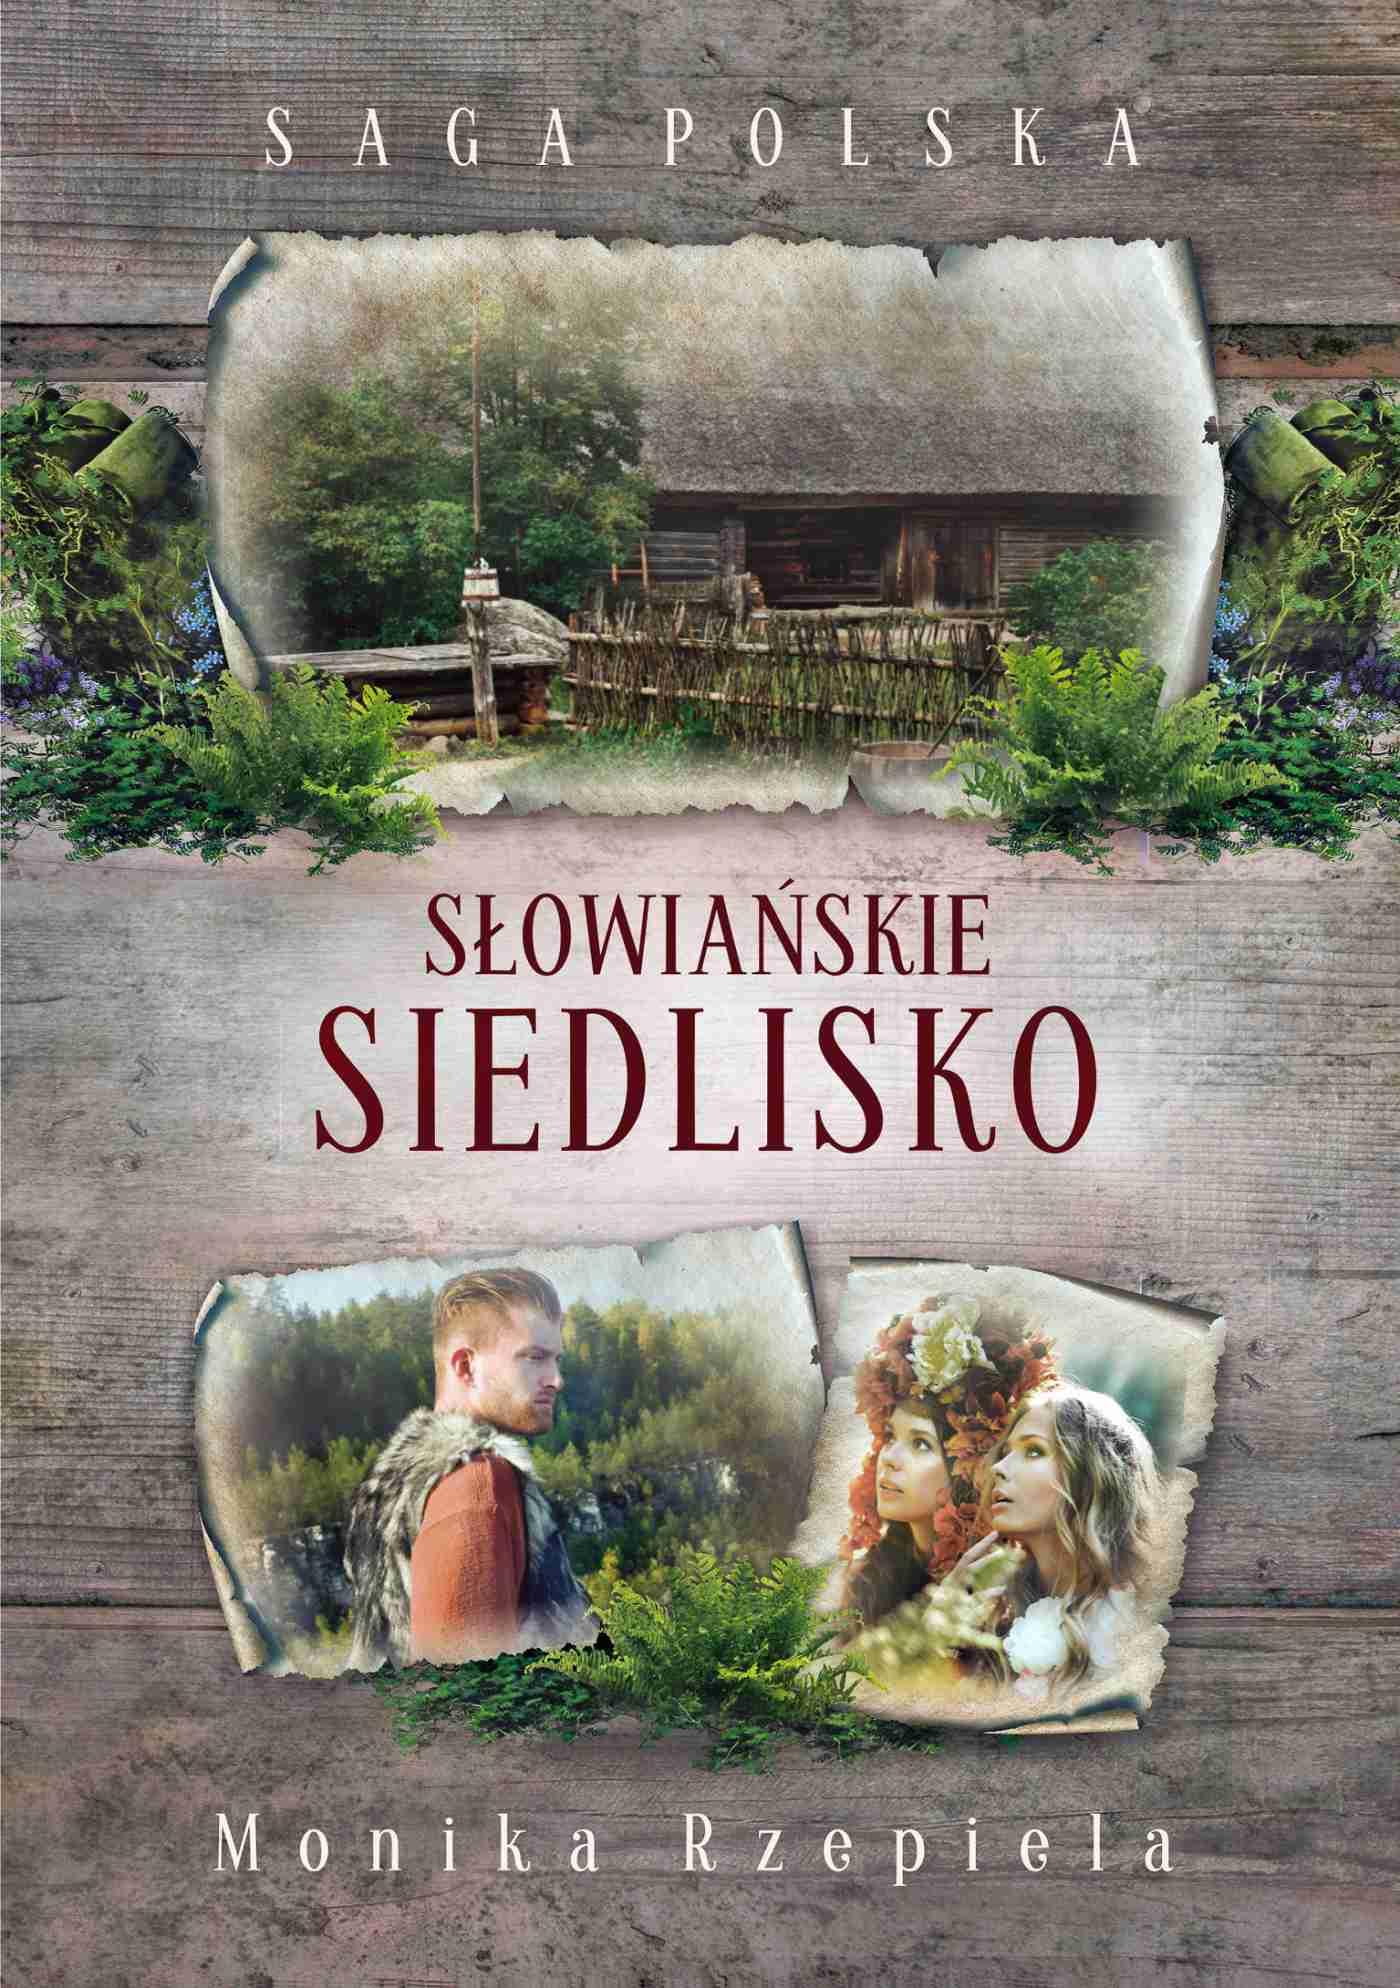 Słowiańskie siedlisko - Ebook (Książka na Kindle) do pobrania w formacie MOBI